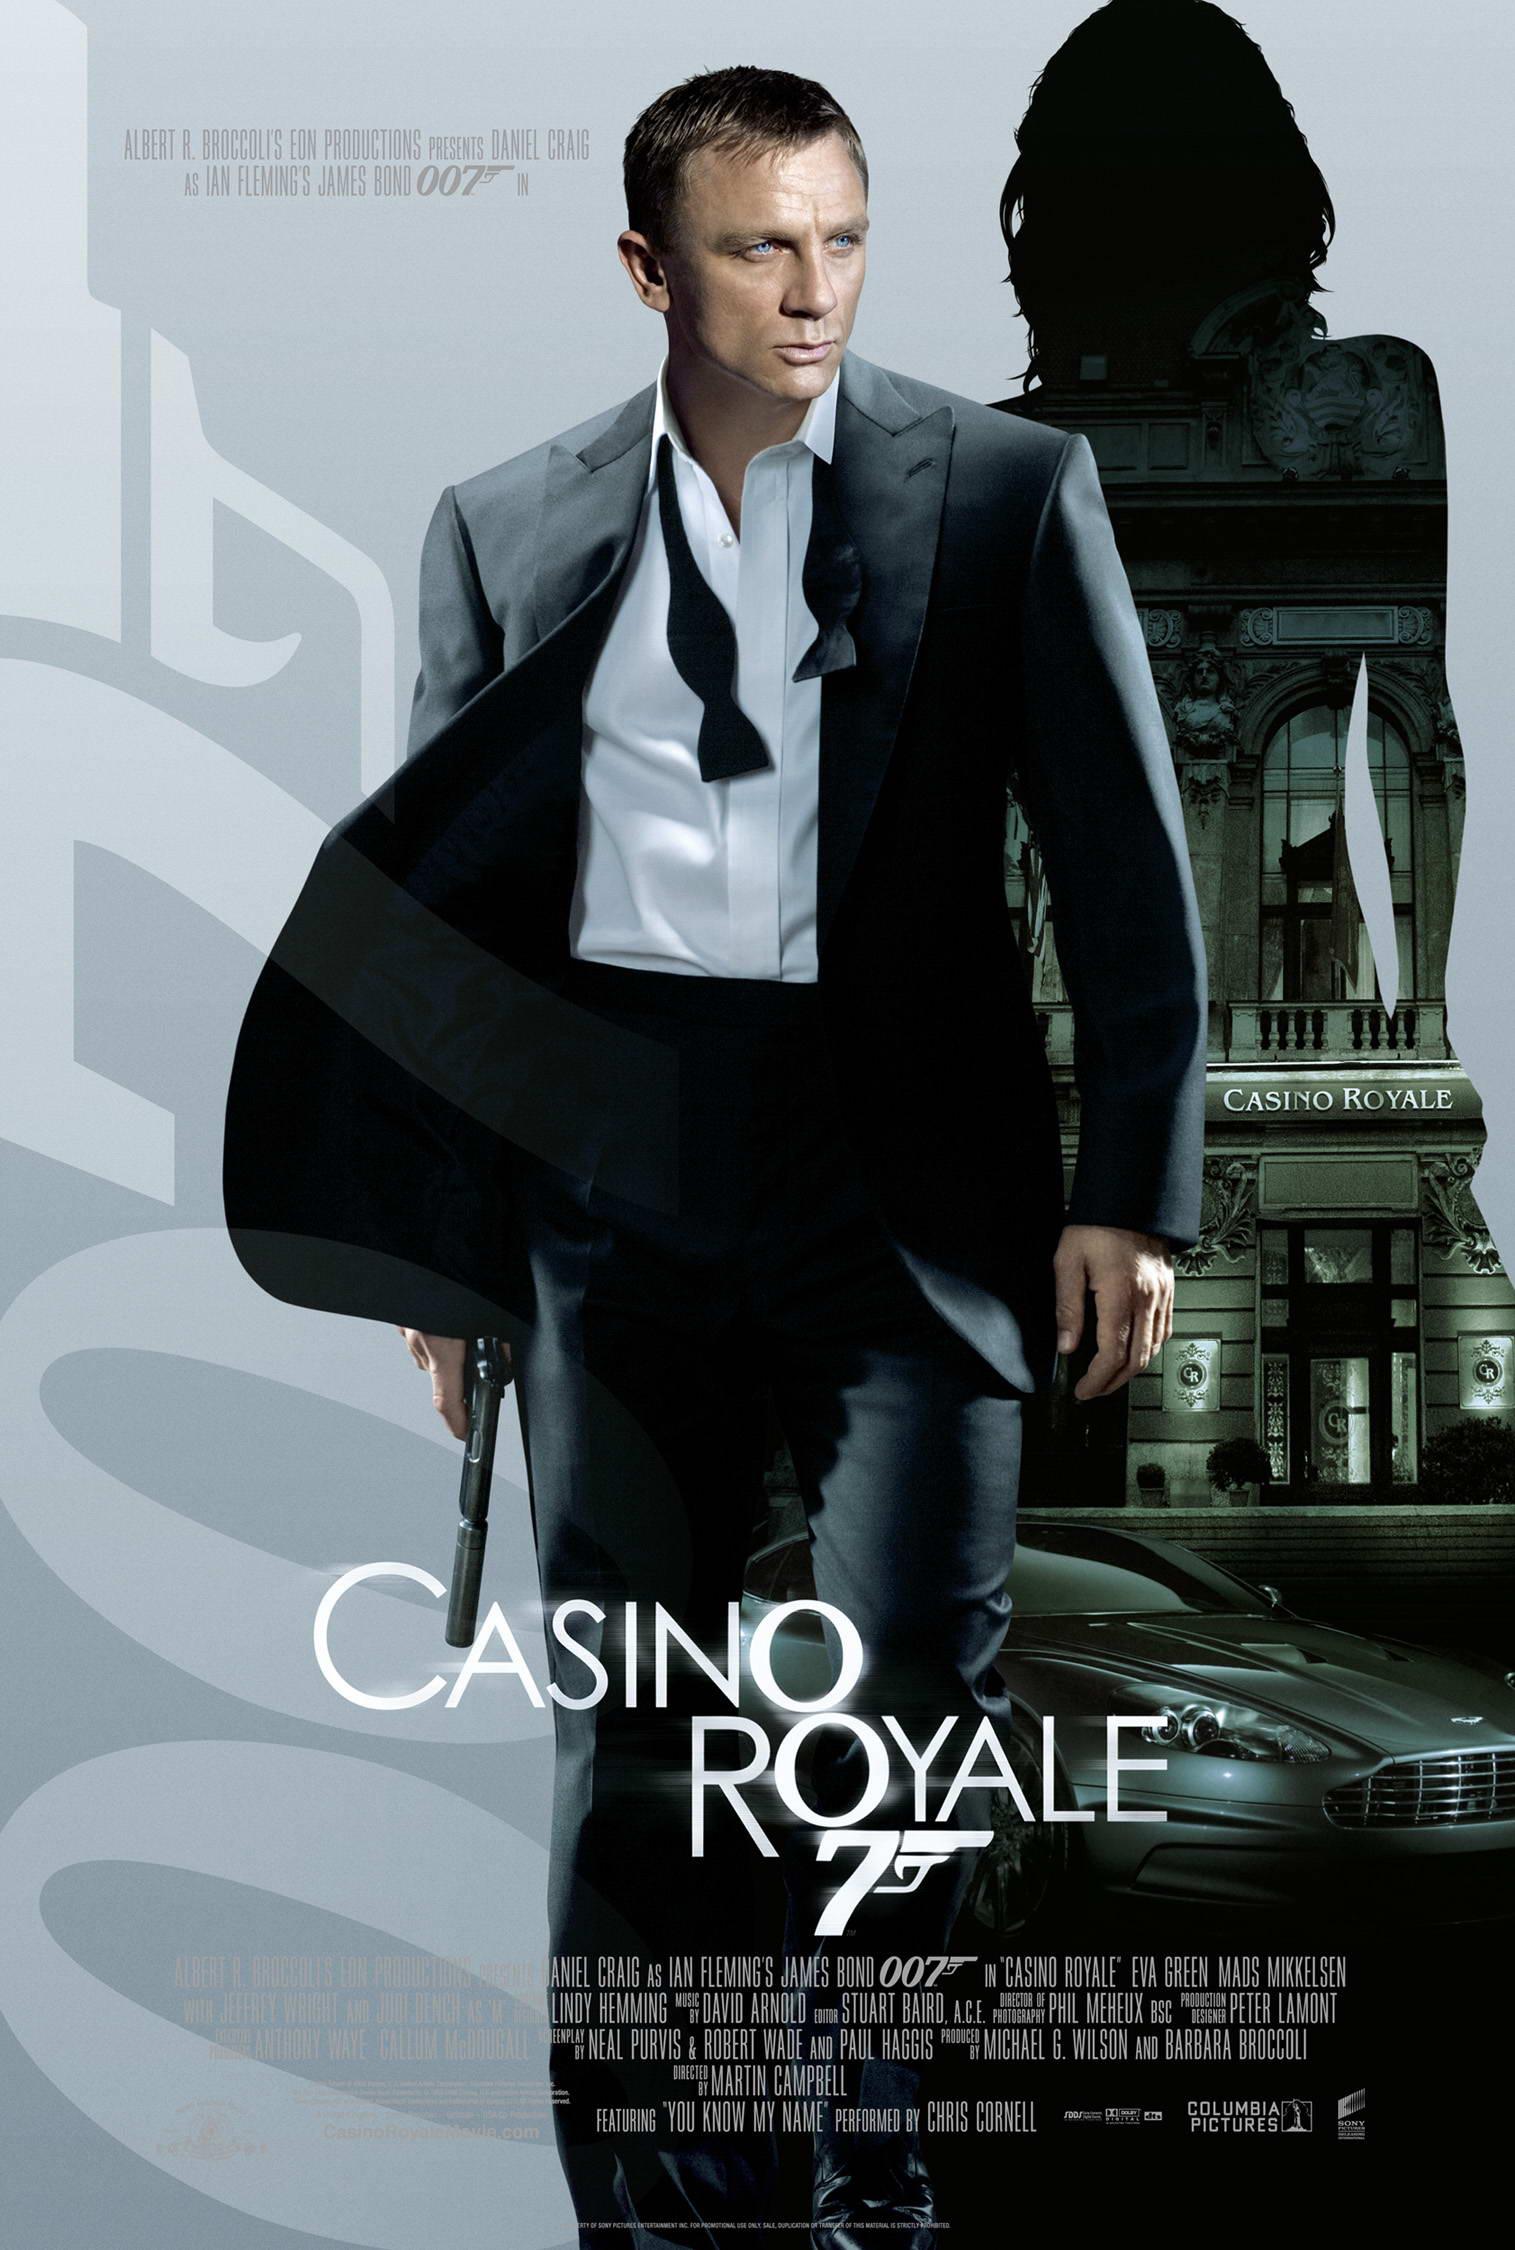 Fördriva tid genom att spela på nya casinon